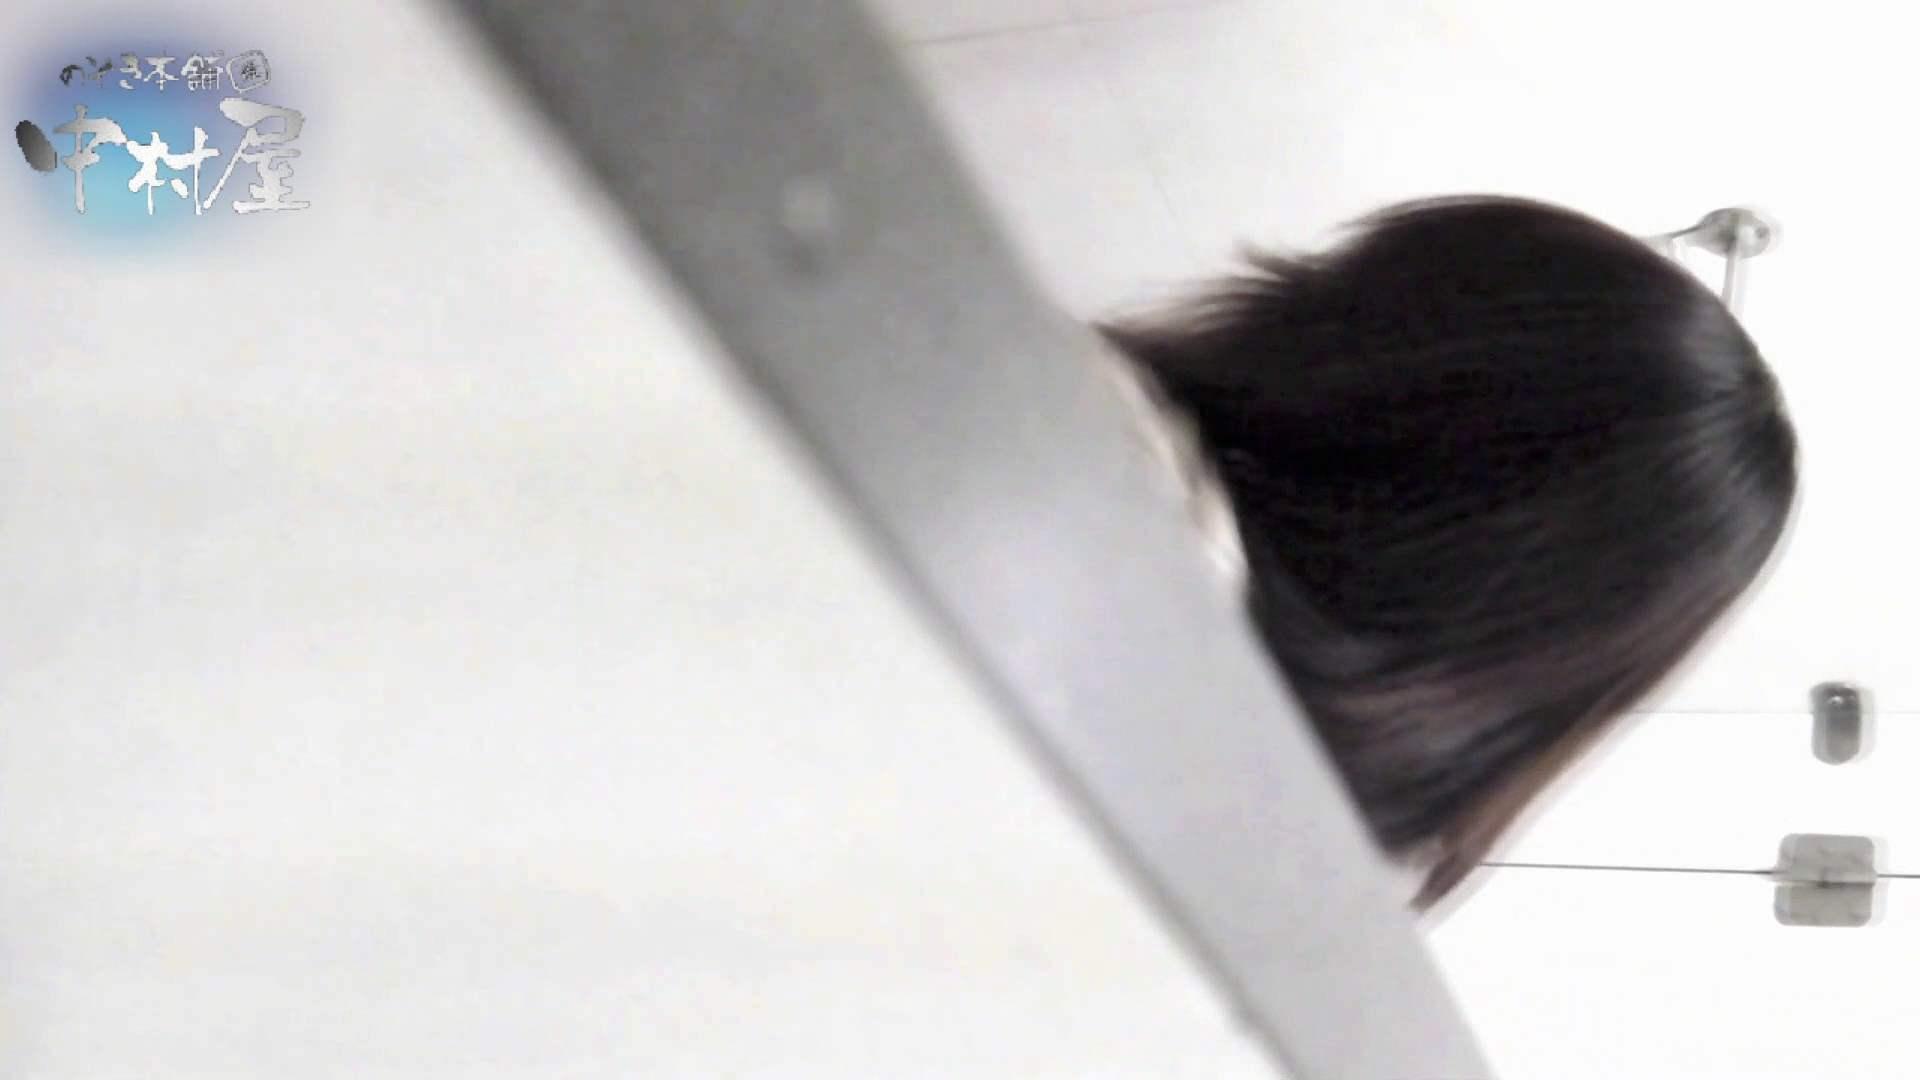 乙女集まる!ショッピングモール潜入撮vol.12 乙女 盗撮動画紹介 89枚 22